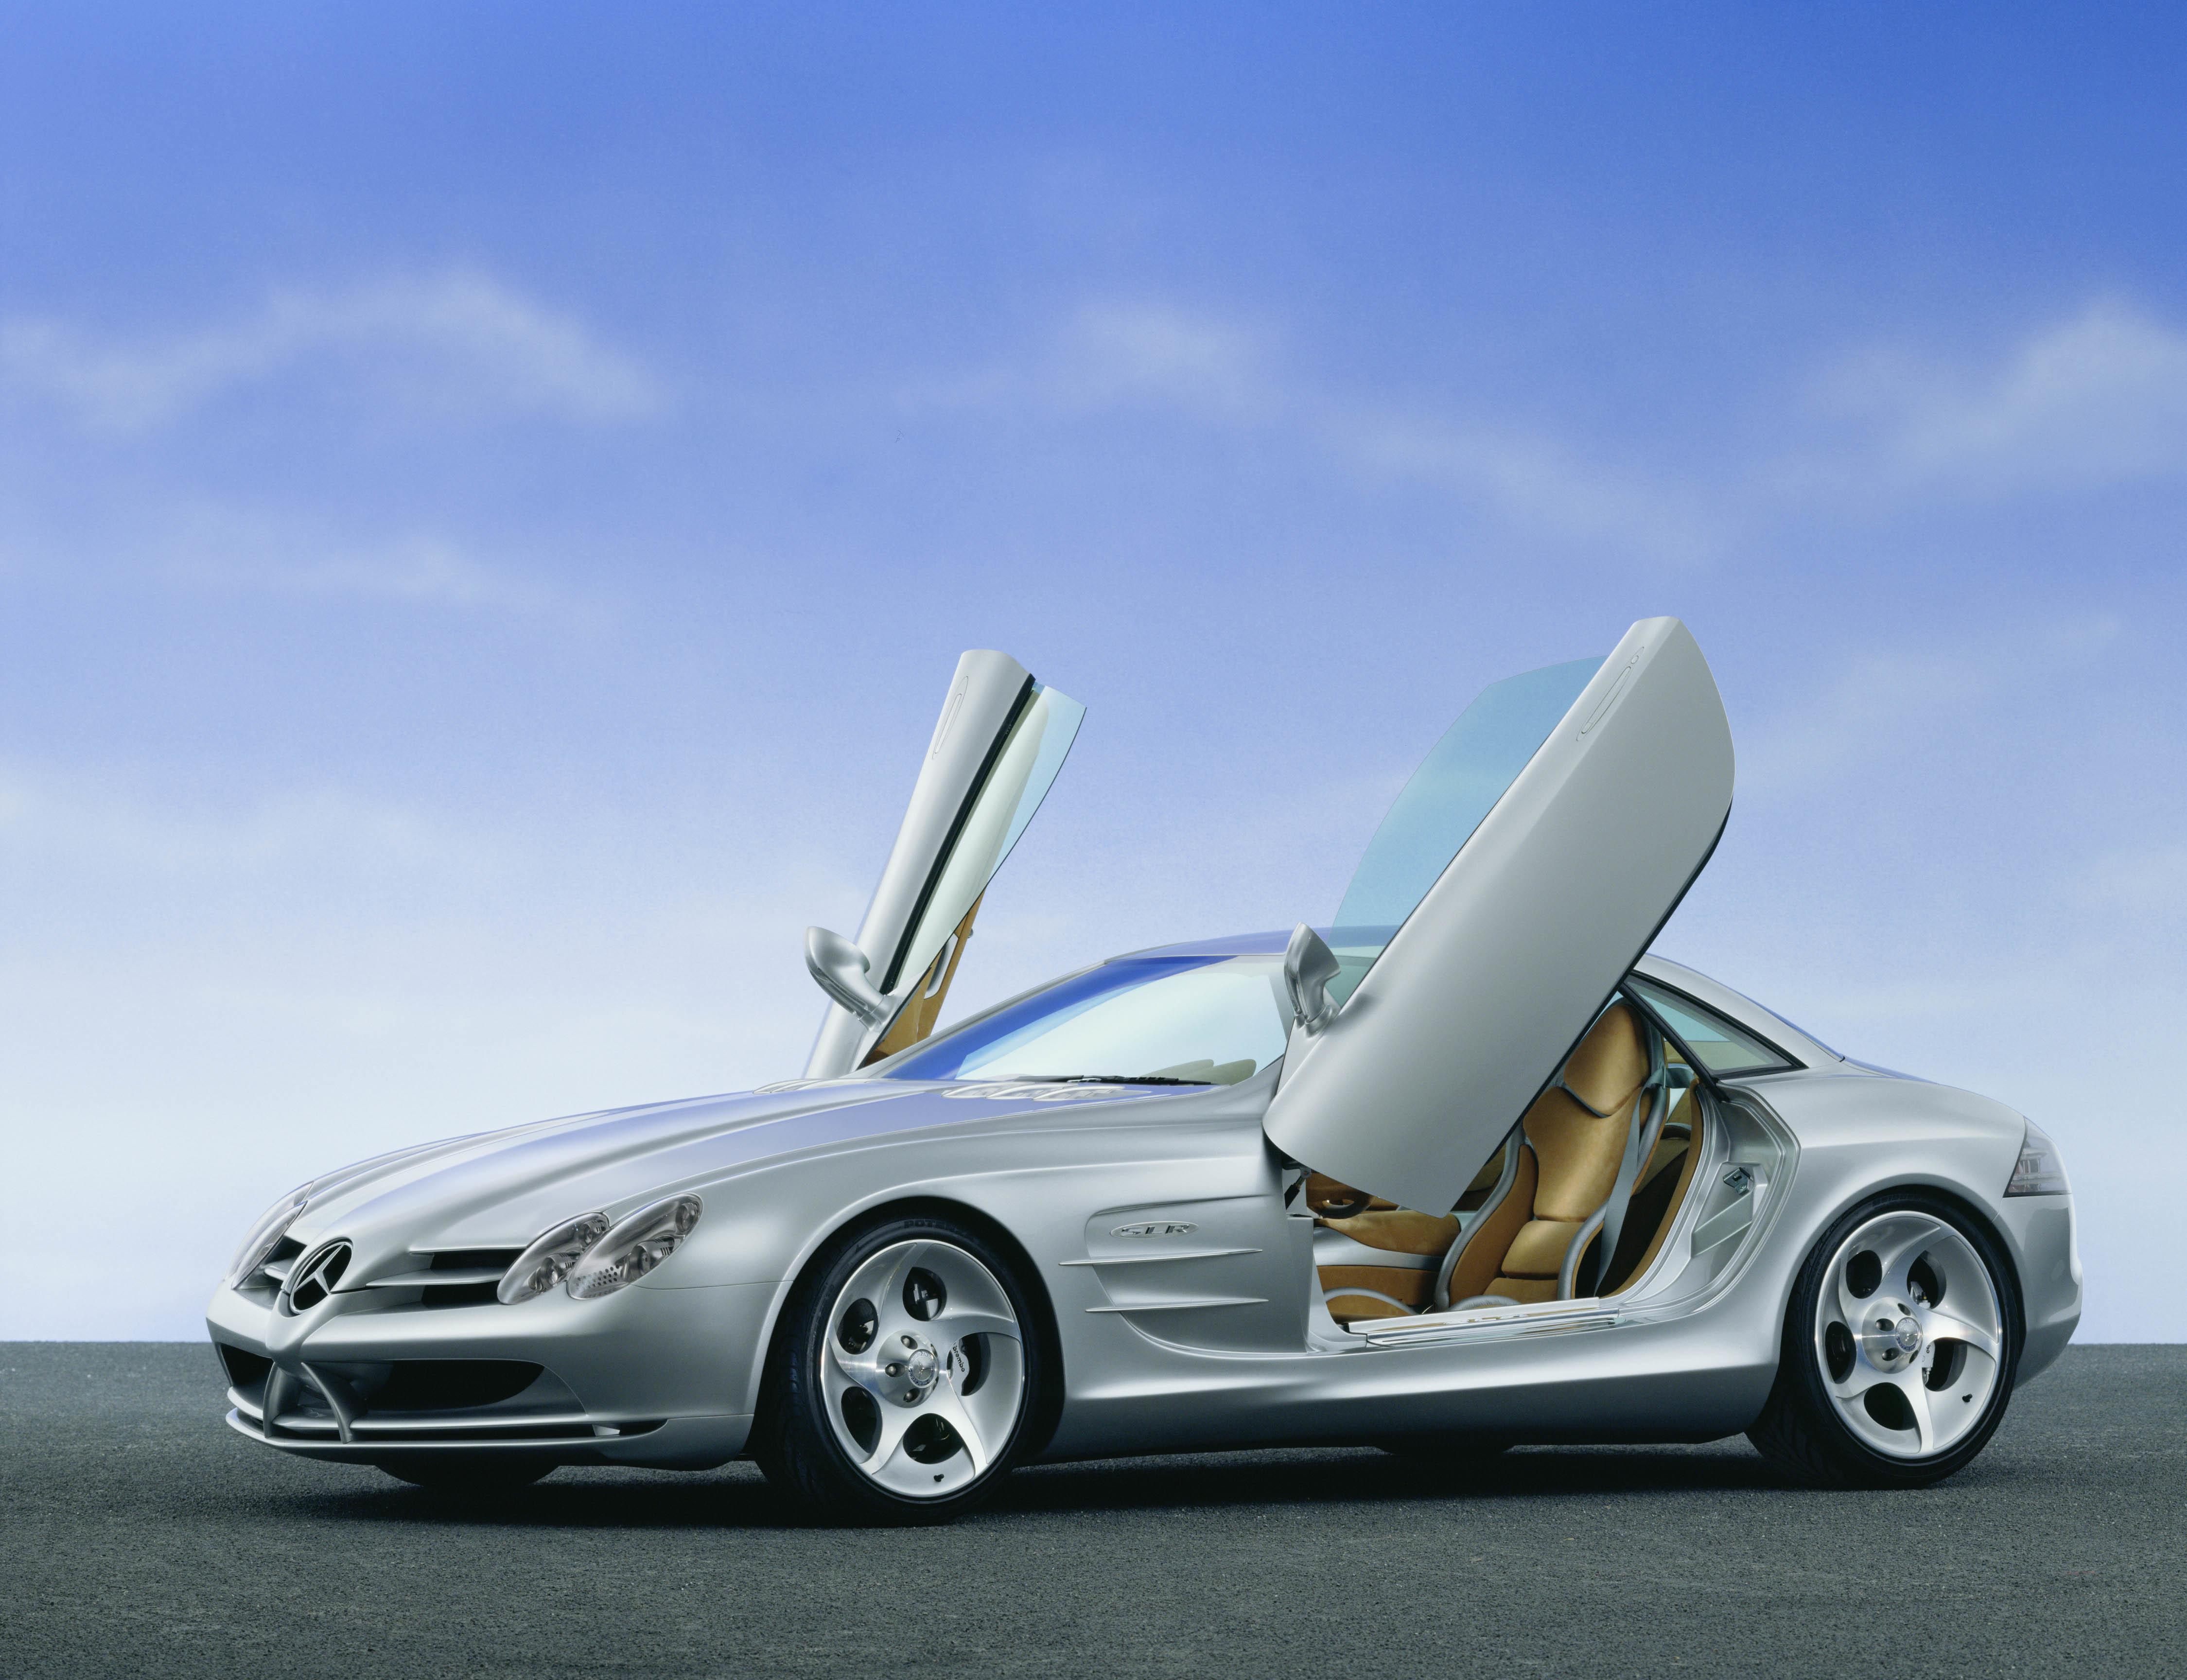 Automobilbranche-Kaufen-Sie-sich-lieber-ein-Luxusauto-statt-Aktien-Chartanalyse-Lisa-Hauser-GodmodeTrader.de-1